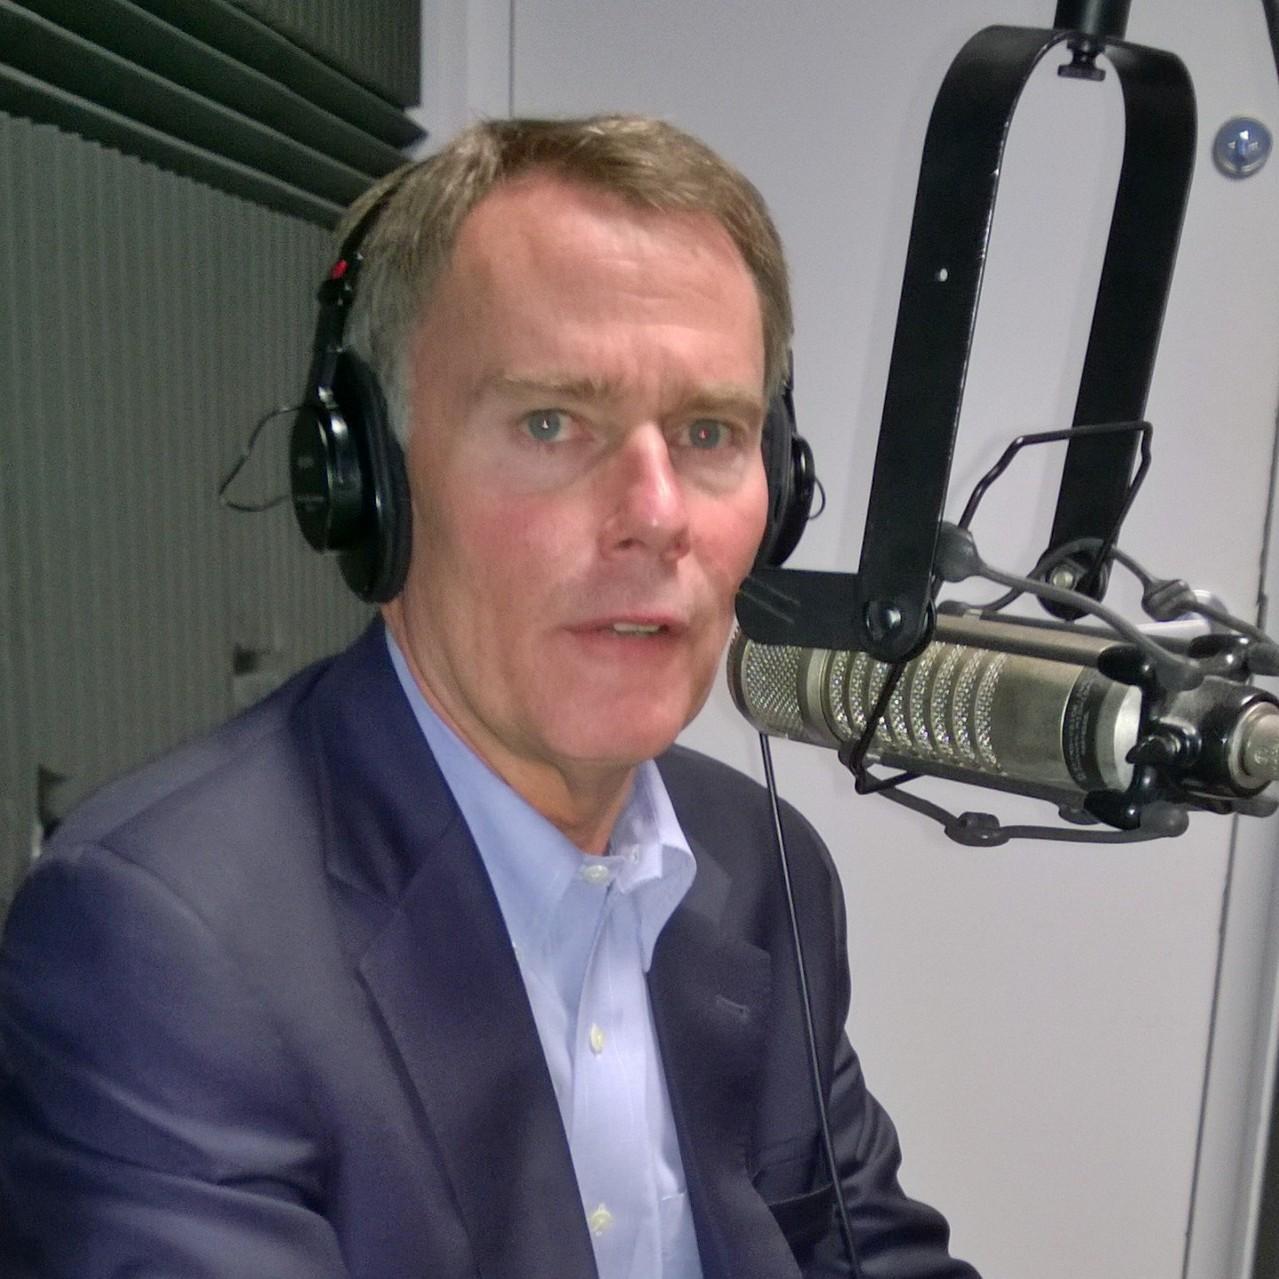 Mayor-elect Joe Hogsett